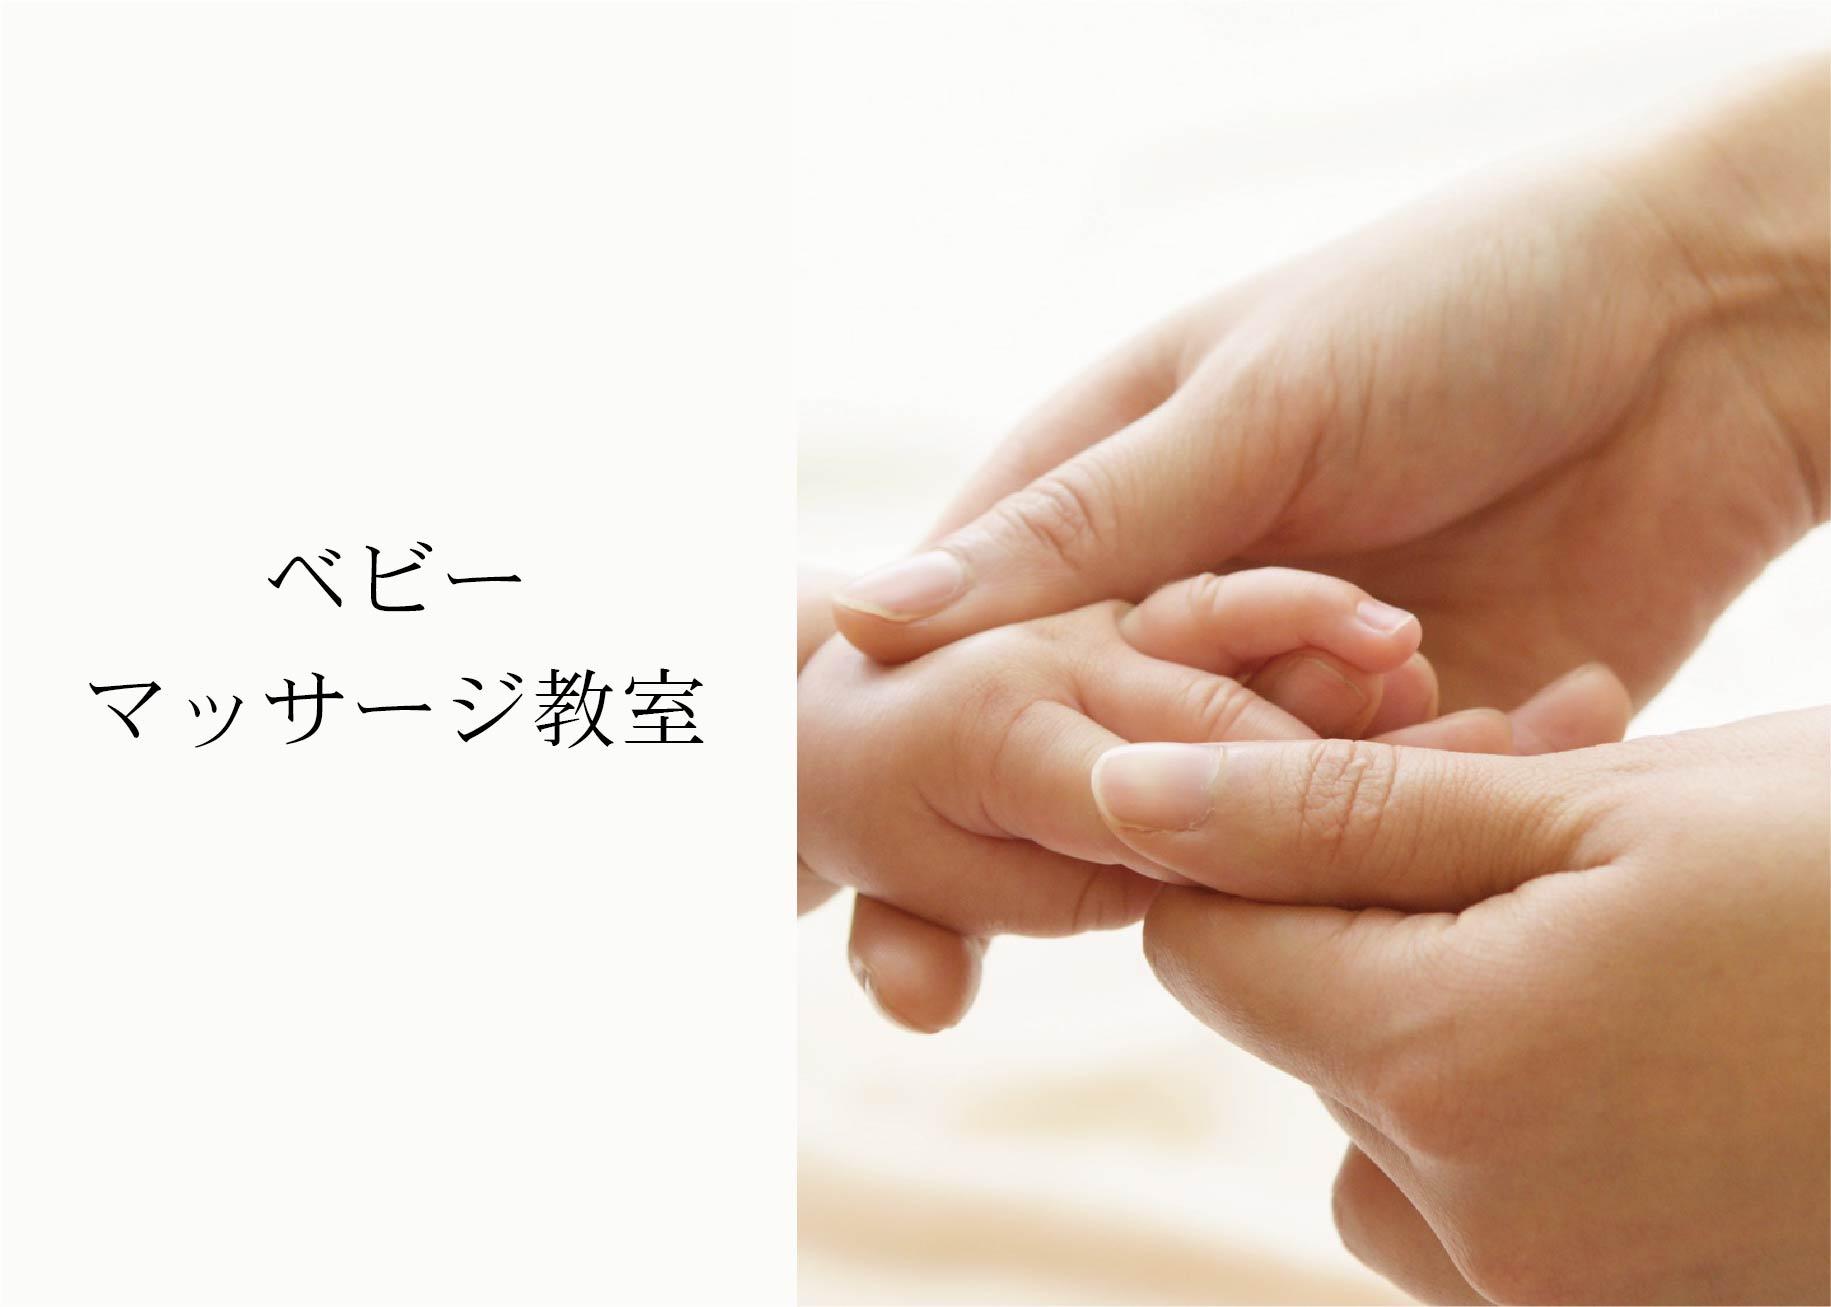 ベビーマッサージ教室 @周南展示場「爽の家」//7/29(木)